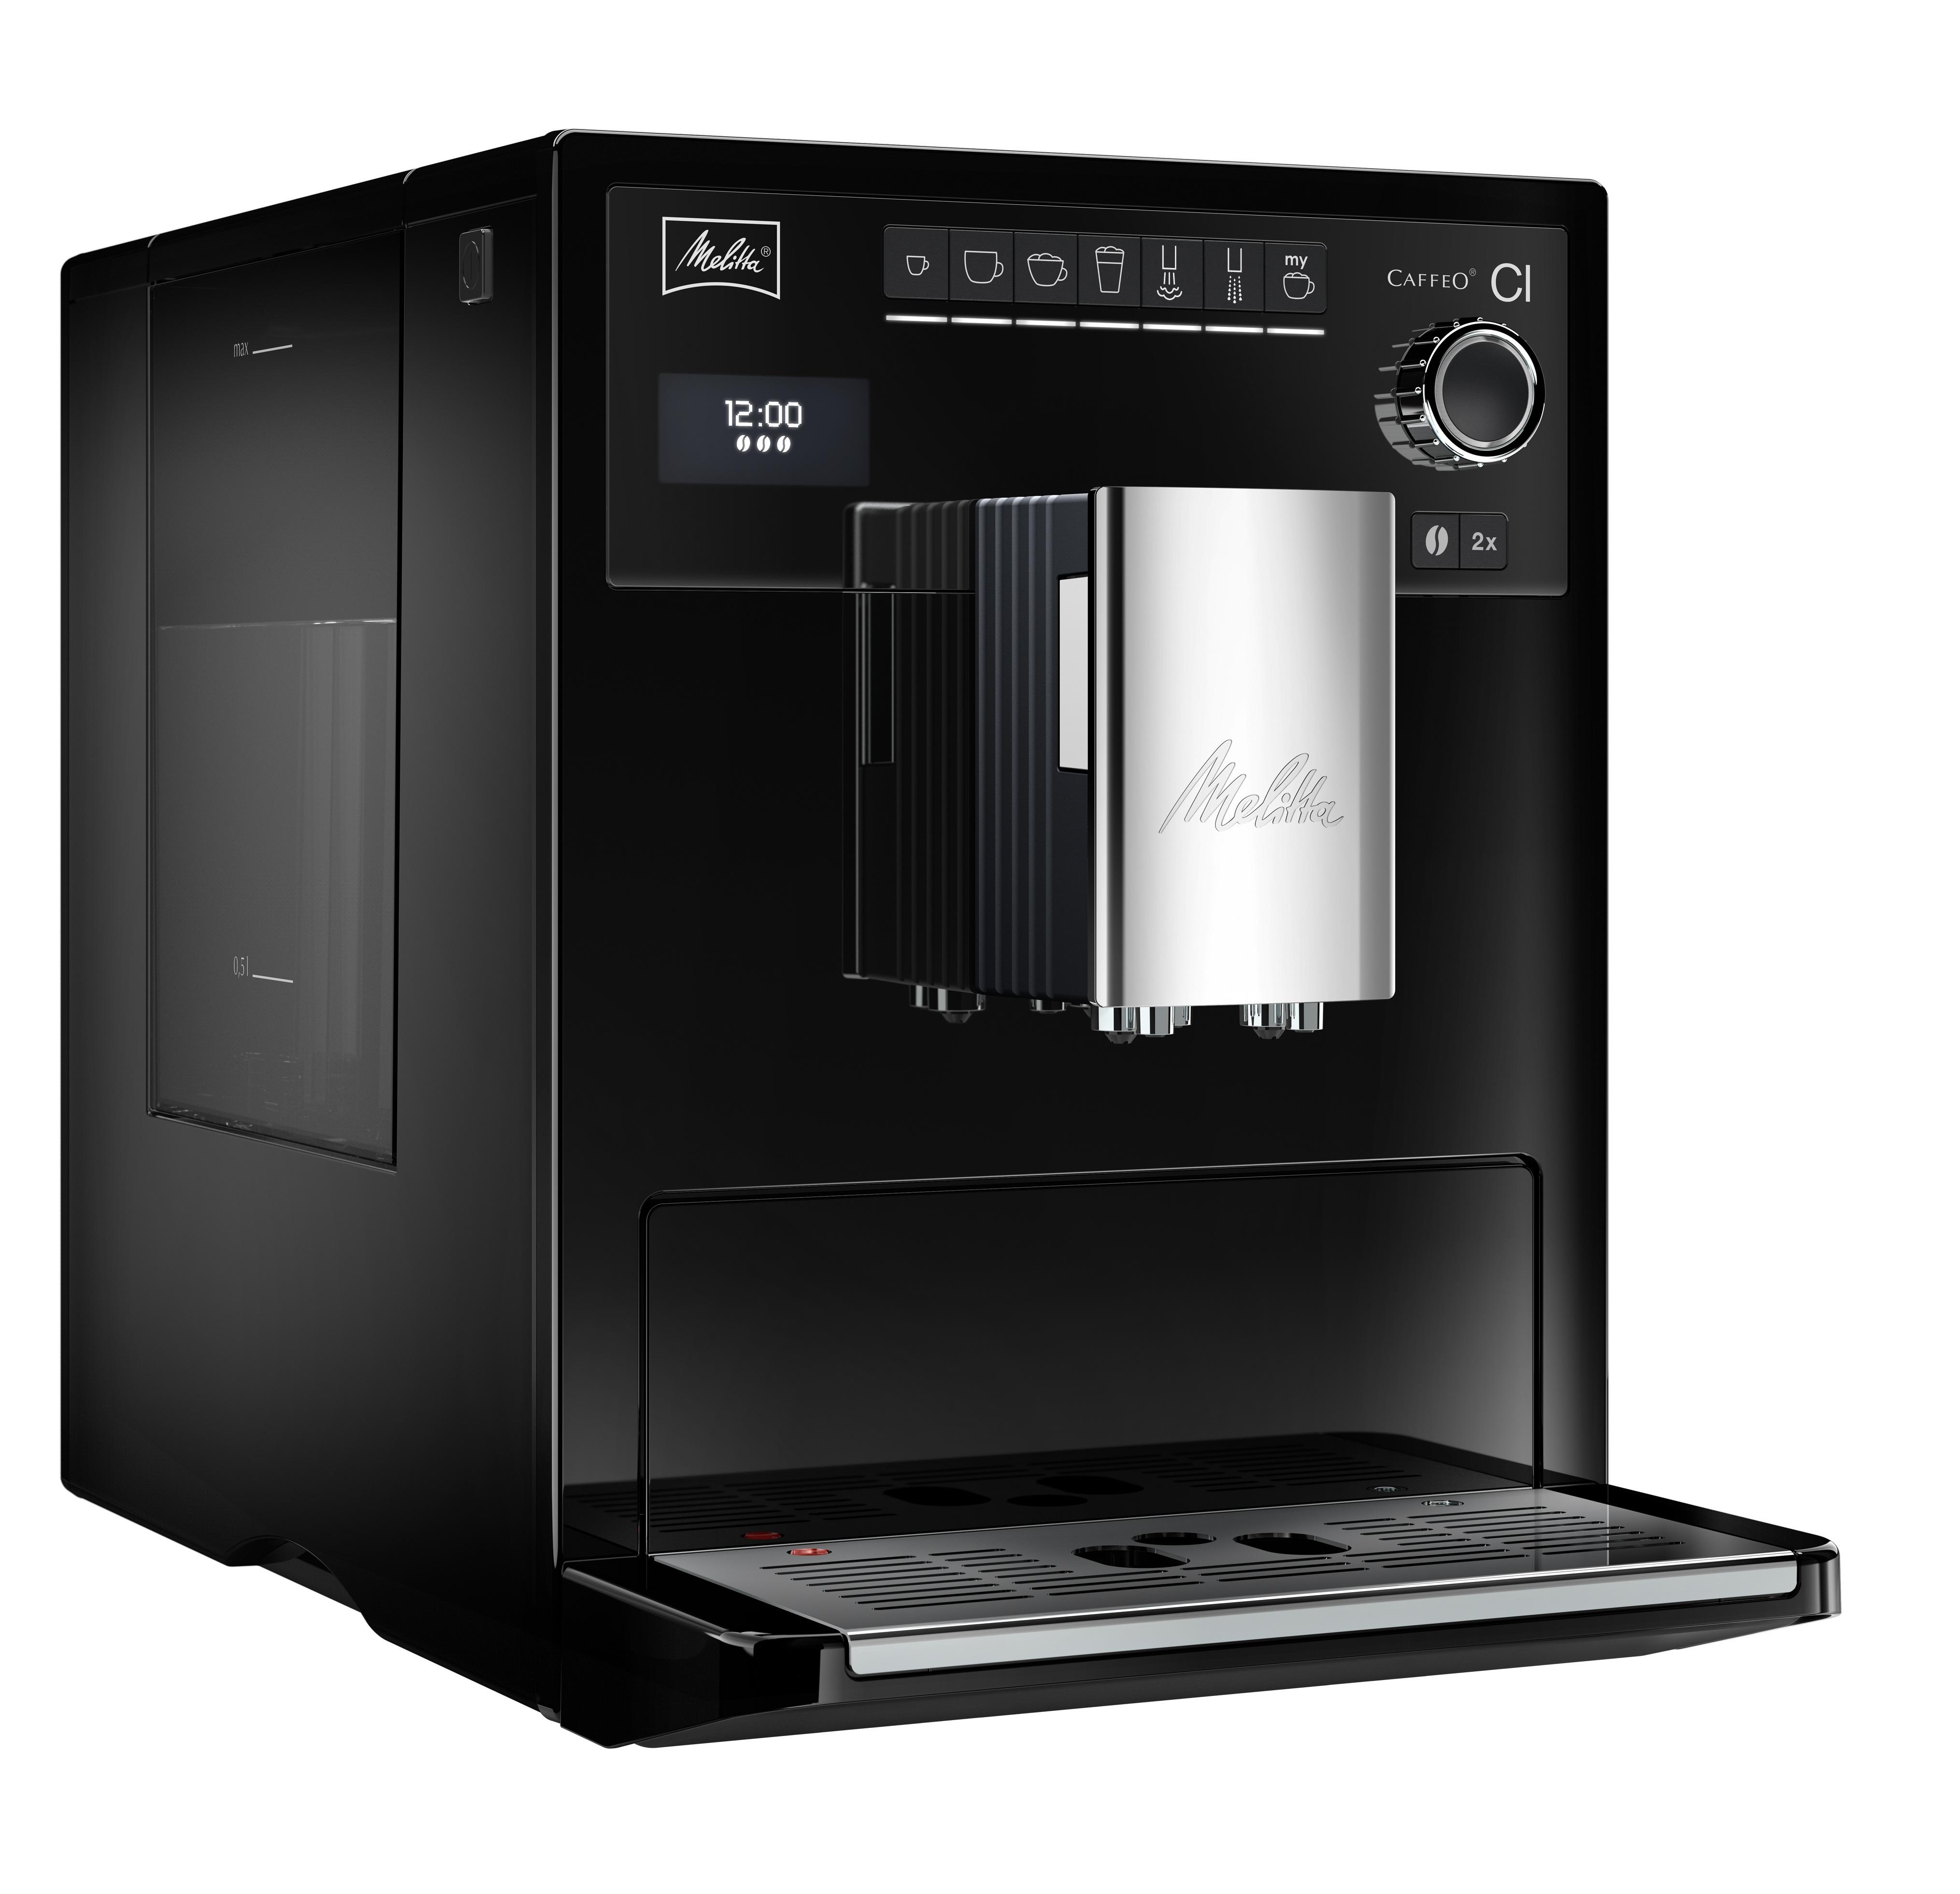 Nettoyer Le Moulin D Une Machine A Cafe Automatique